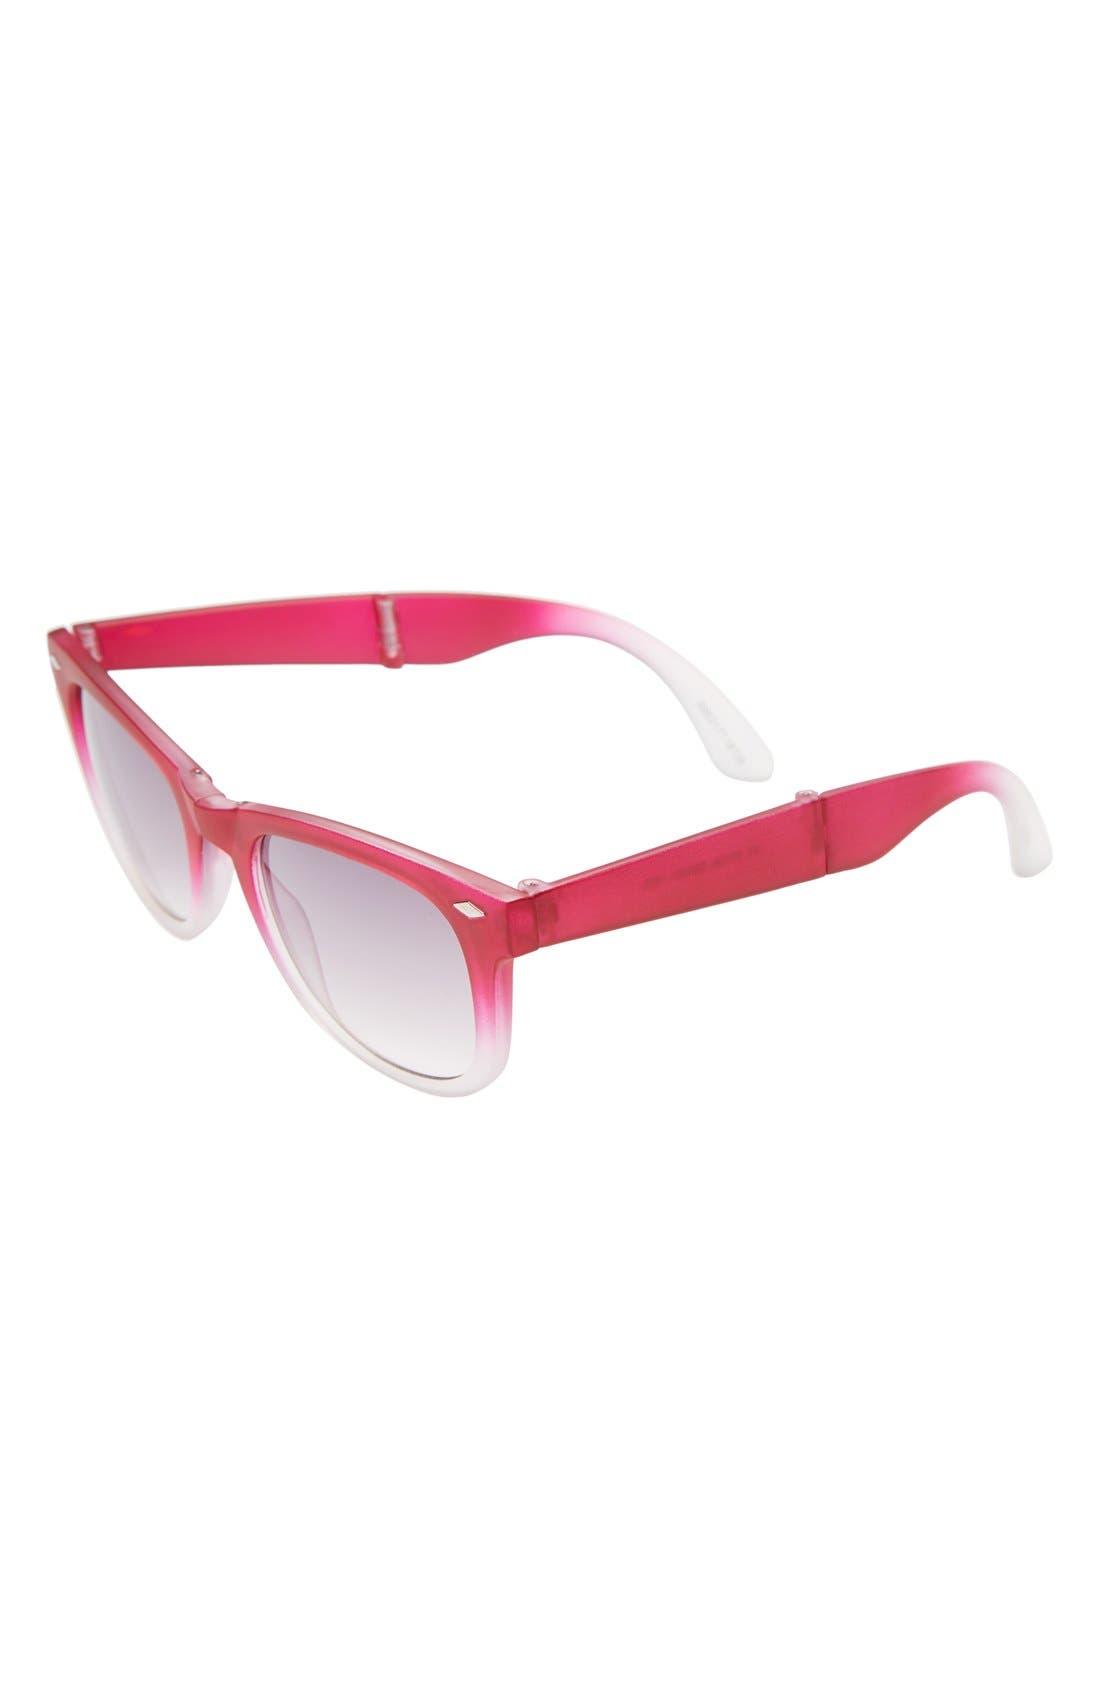 Main Image - Icon Eyewear 75mm Foldable Sunglasses (Girls)